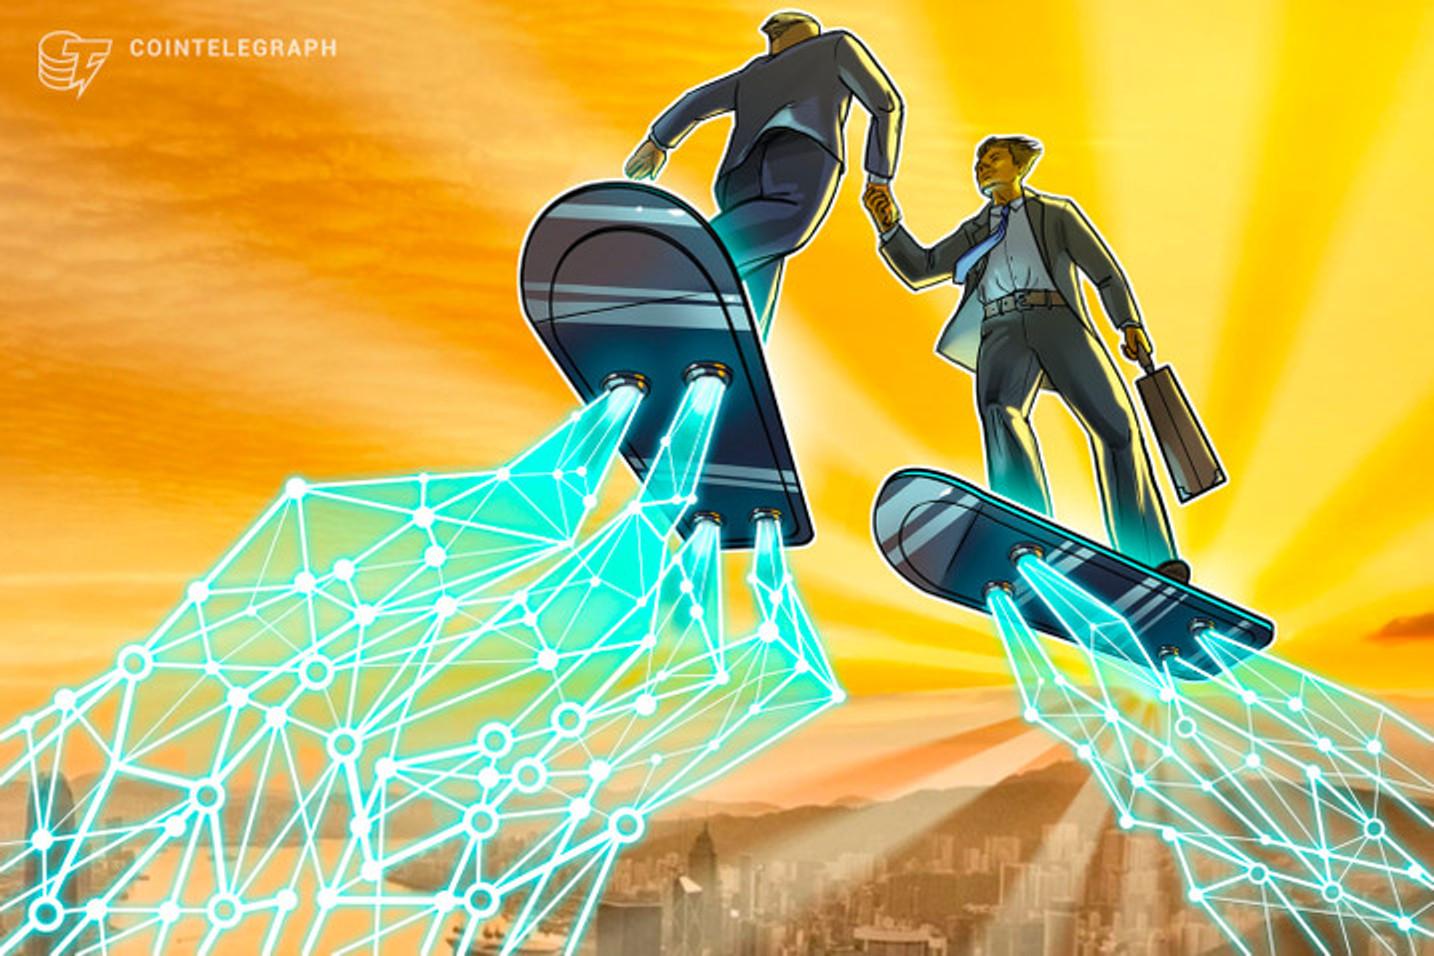 Lojas Americanas e B2W anunciam aquisição da fintech blockchain Bit Capital